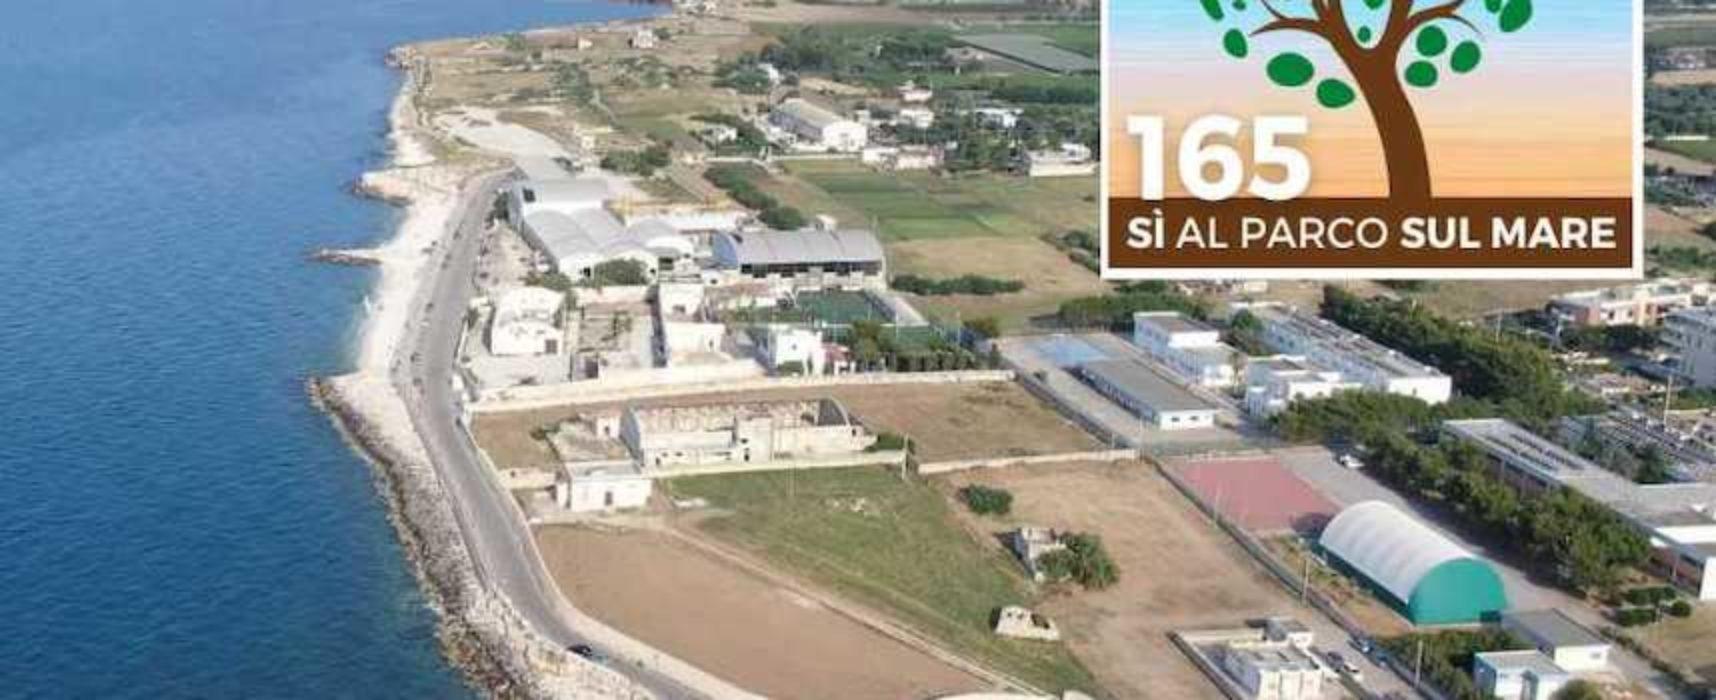 """Lottizzazione maglia 165, """"Ripalta Area Protetta"""" e 5 Stelle presentano ricorso al Capo dello Stato"""